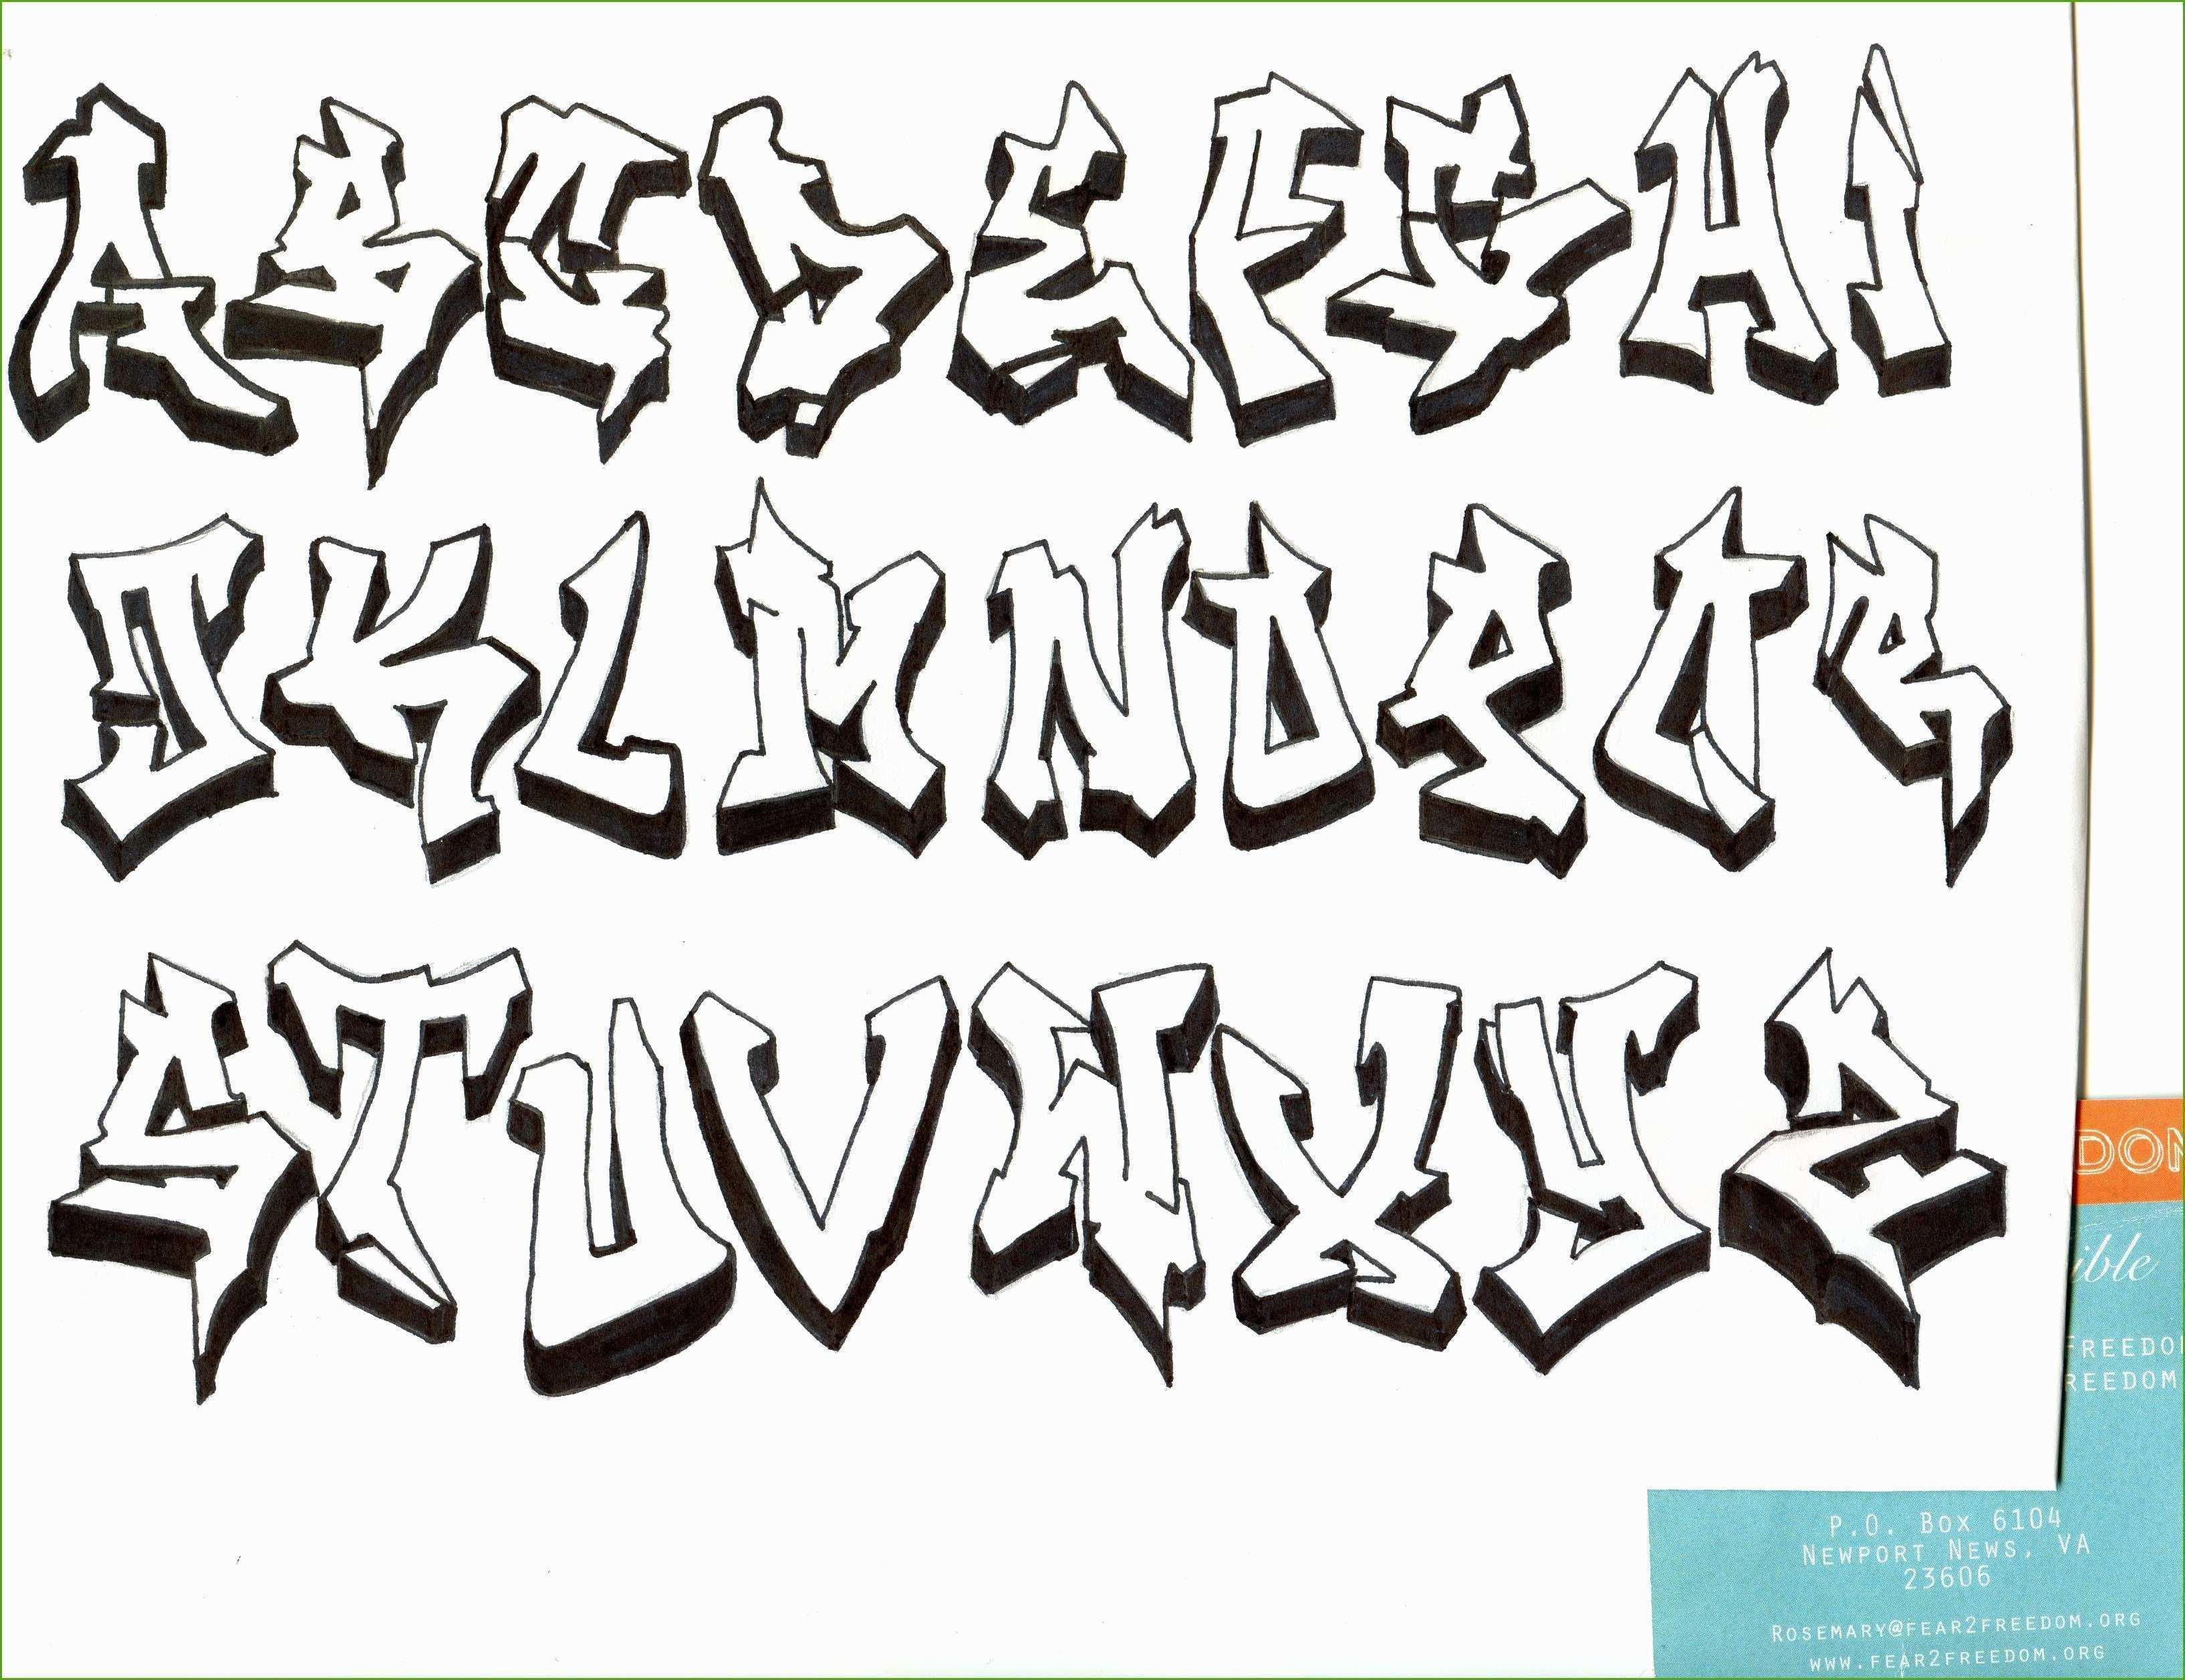 Graffiti Buchstaben Zum Ausdrucken Abc Alphabet Innen Ausdrucke Watchonsale Me Graffiti Buchstaben Graffiti Alphabet Graffiti